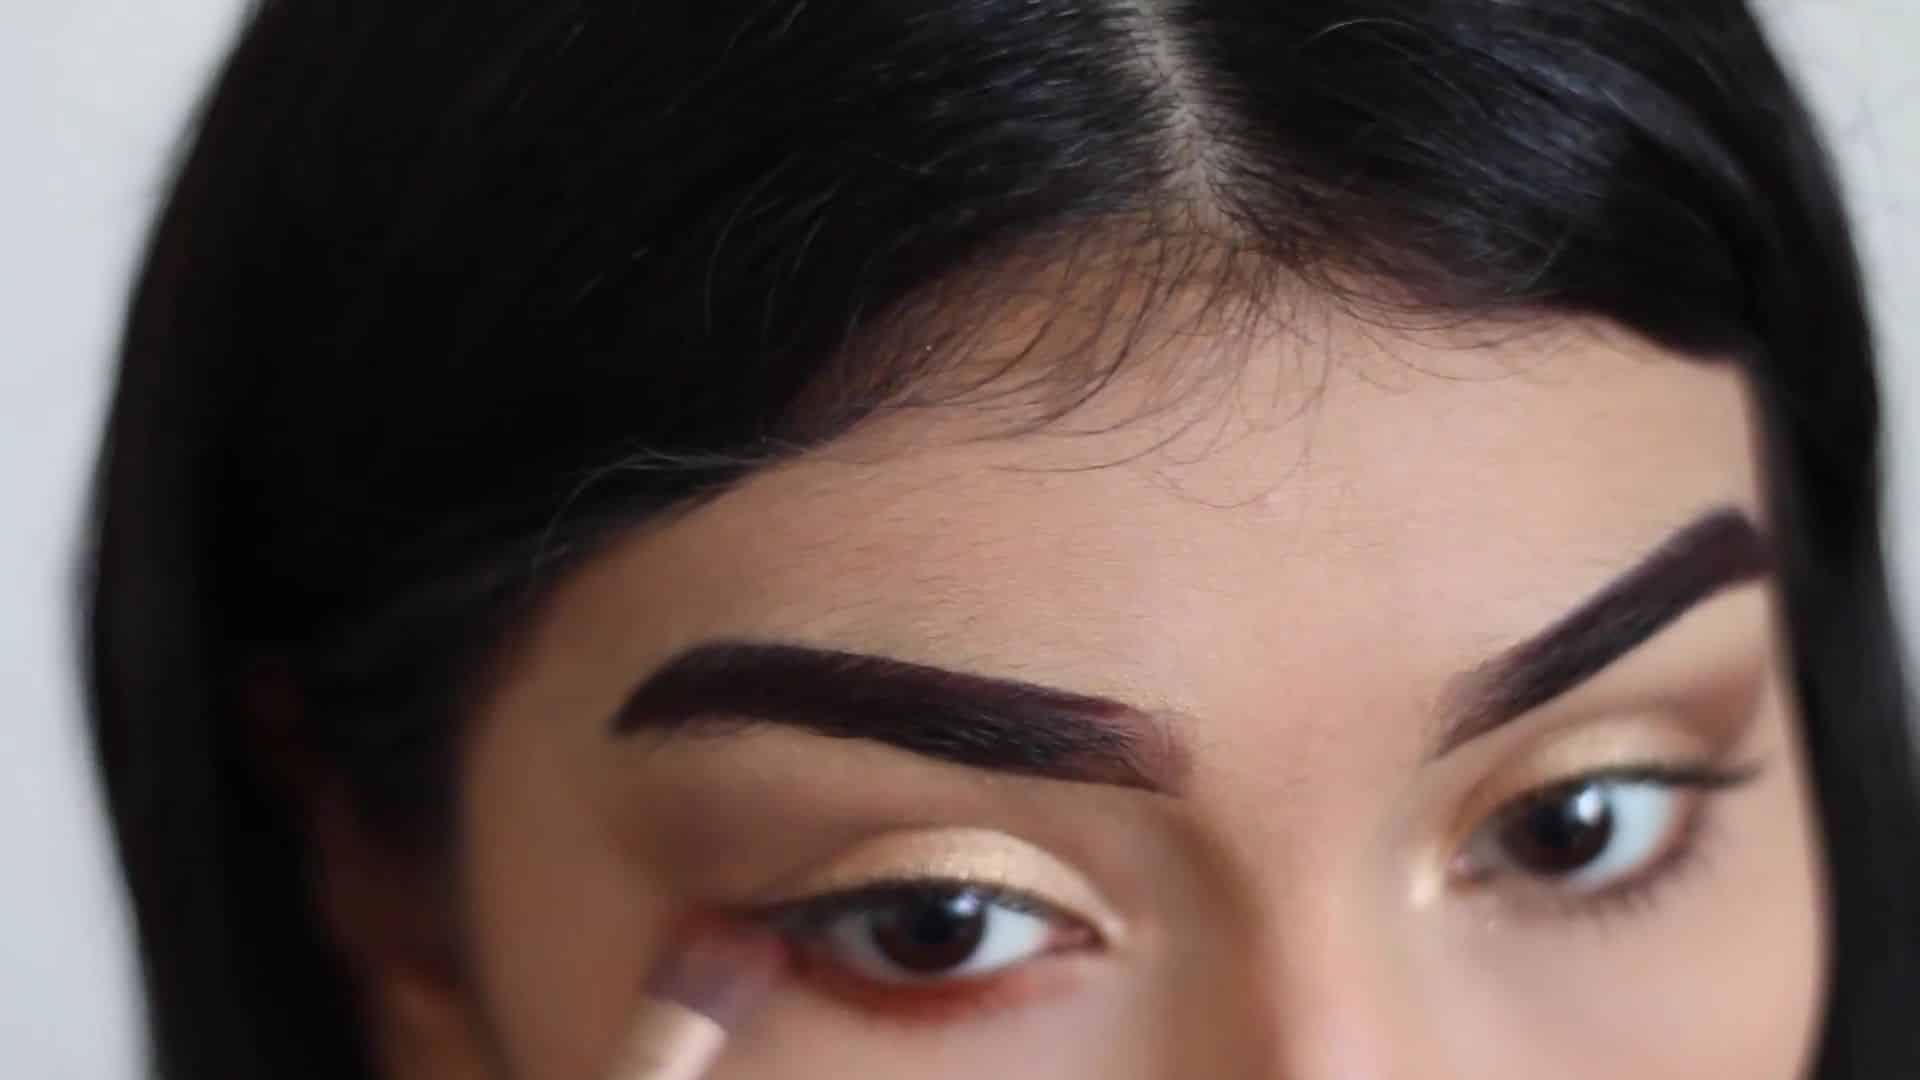 Paulina del Campo Maquillaje para cuando tienes pereza 2020, pincel plano, línea de agua, sombra verde, sombra naranja, sombra violeta.